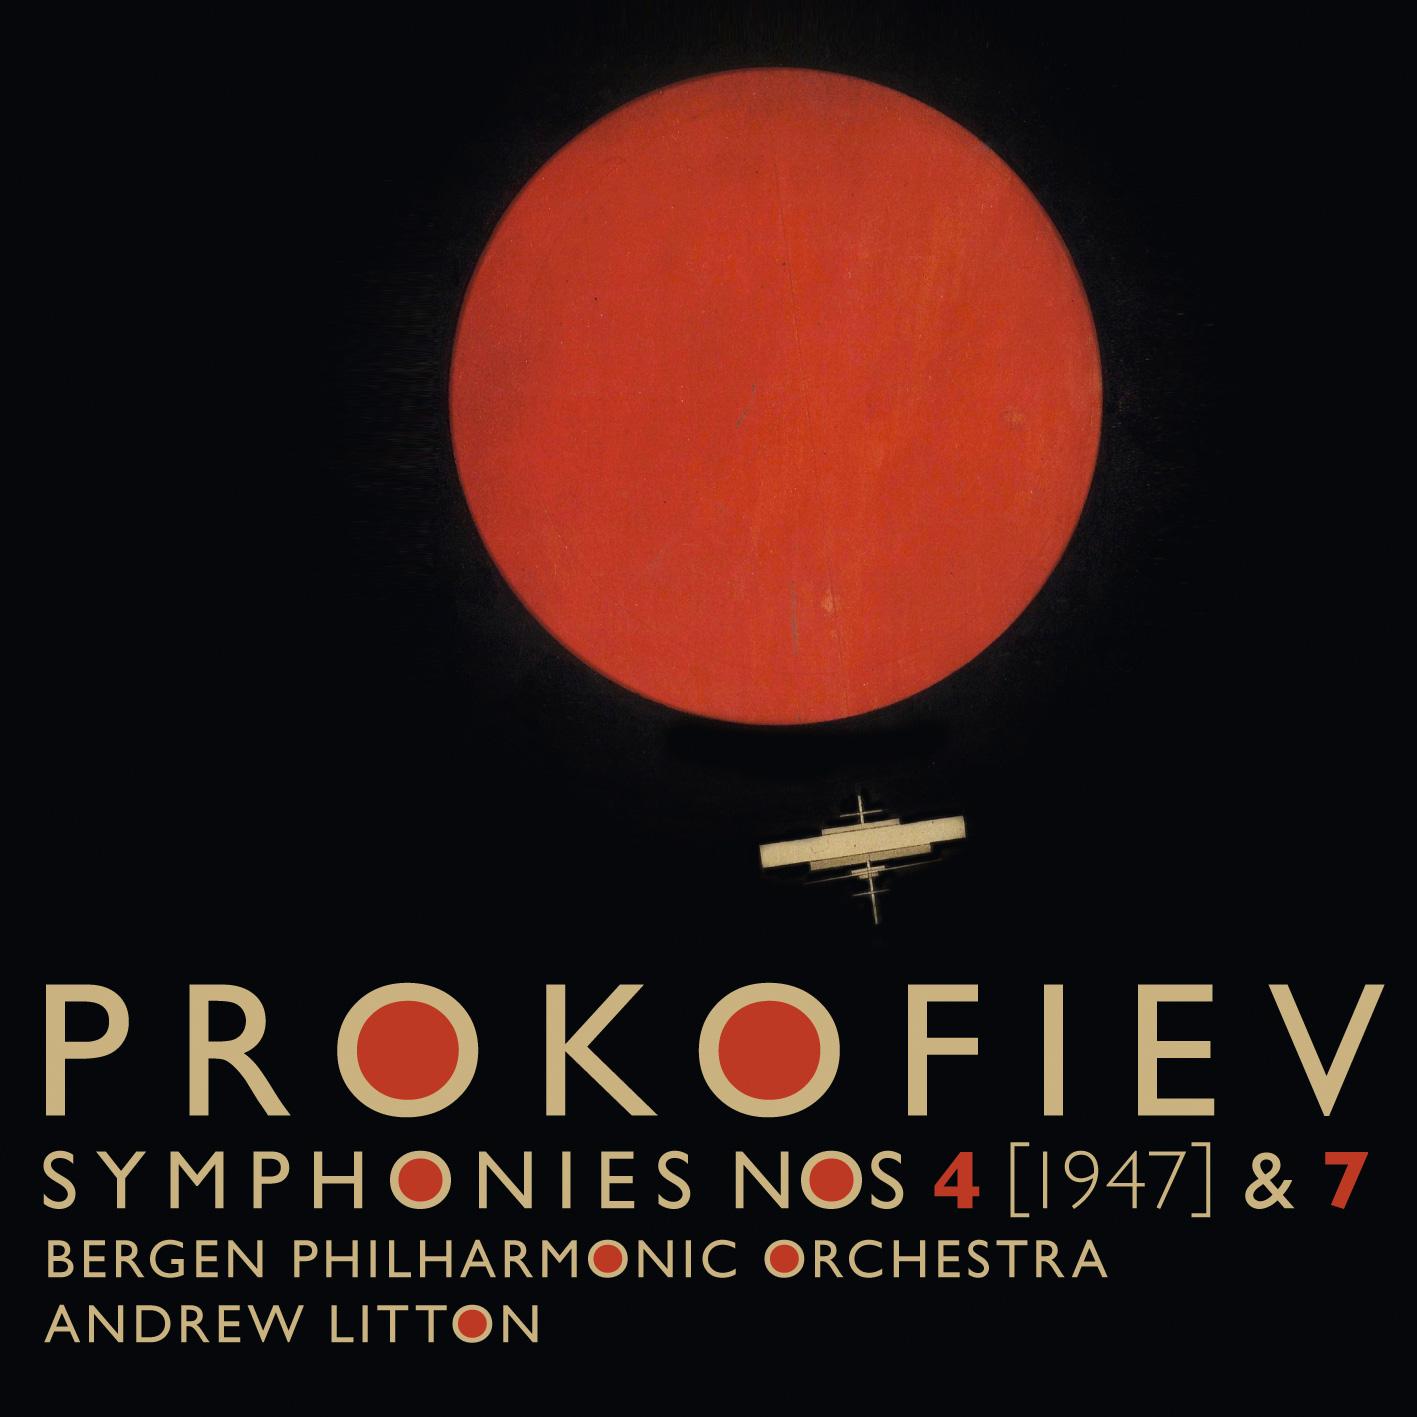 Prokofiev Symphonies 4 & 7